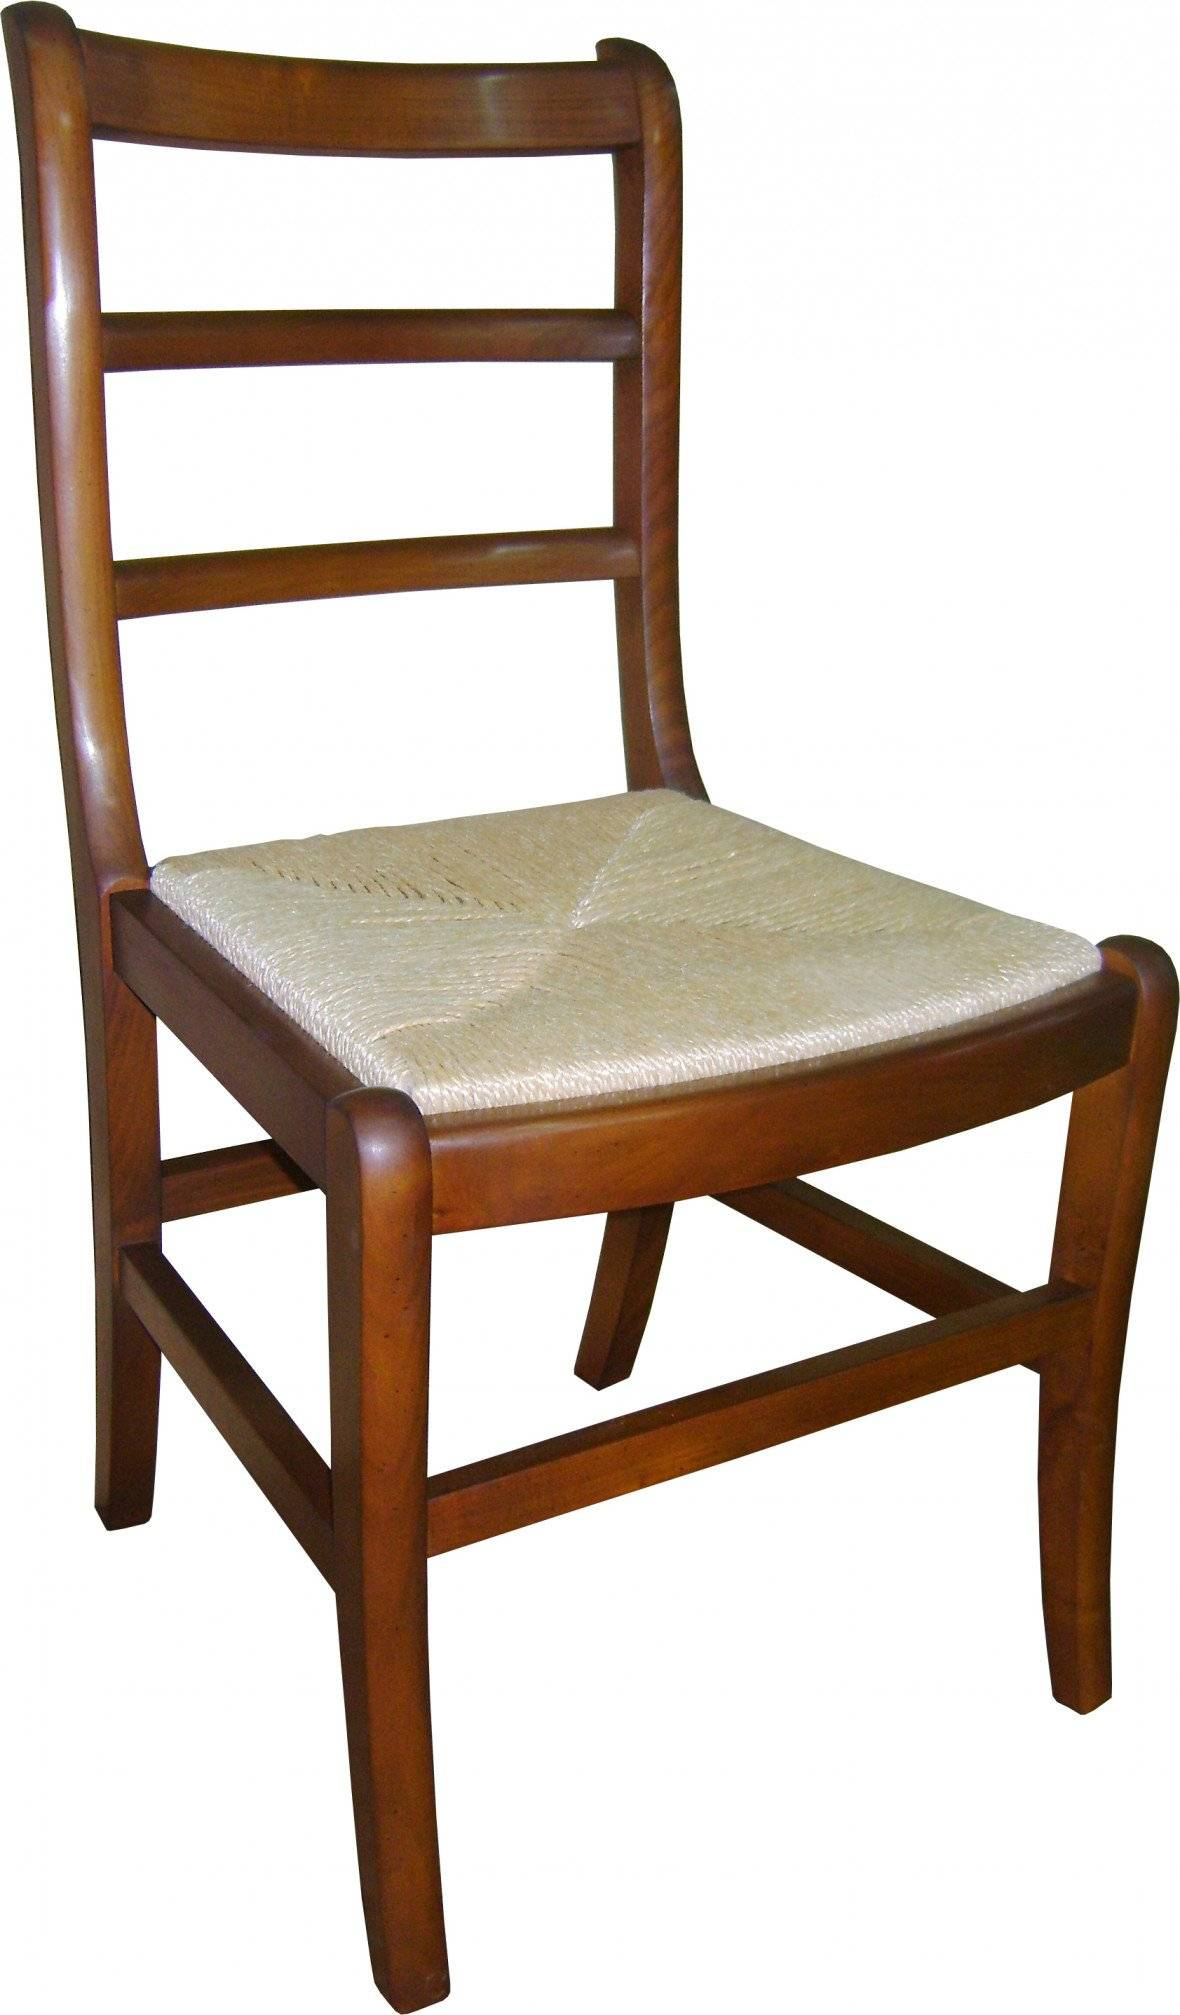 Destock Meubles Chaise louis philippe teinte merisier assise paille